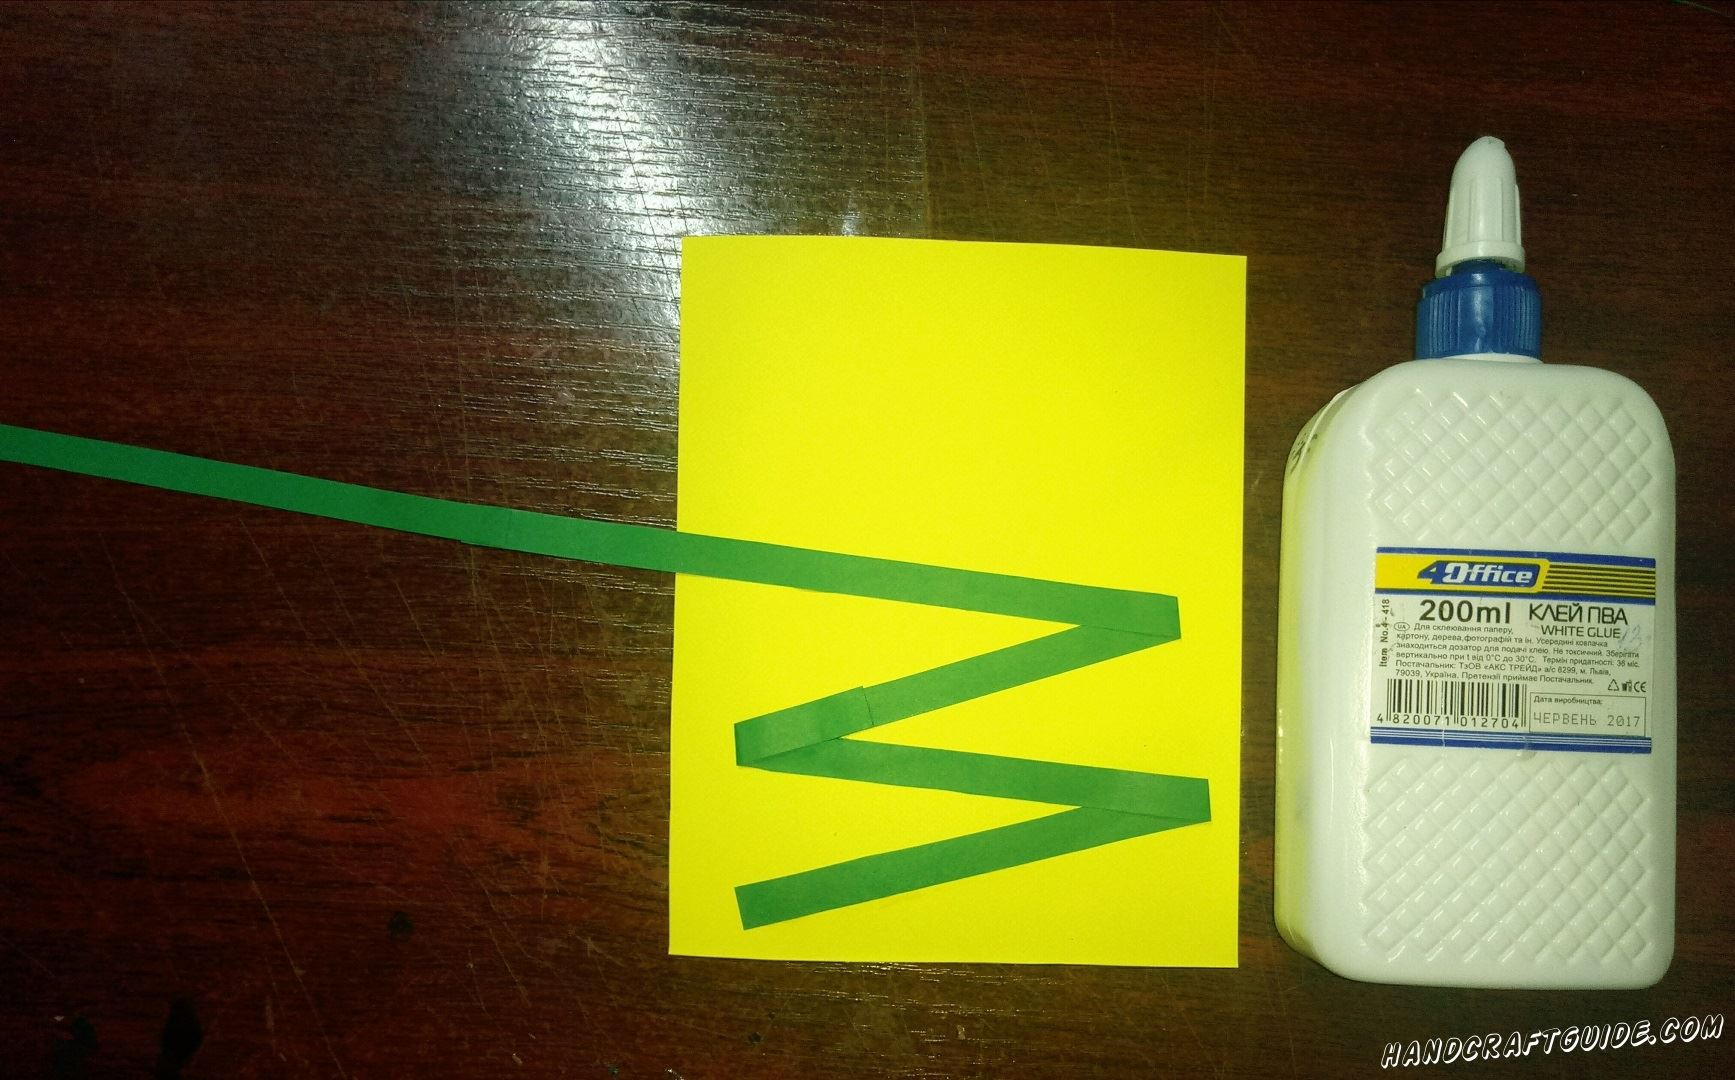 Змейкой наклеиваем полоску на желтый лист бумаги, как показано на фото